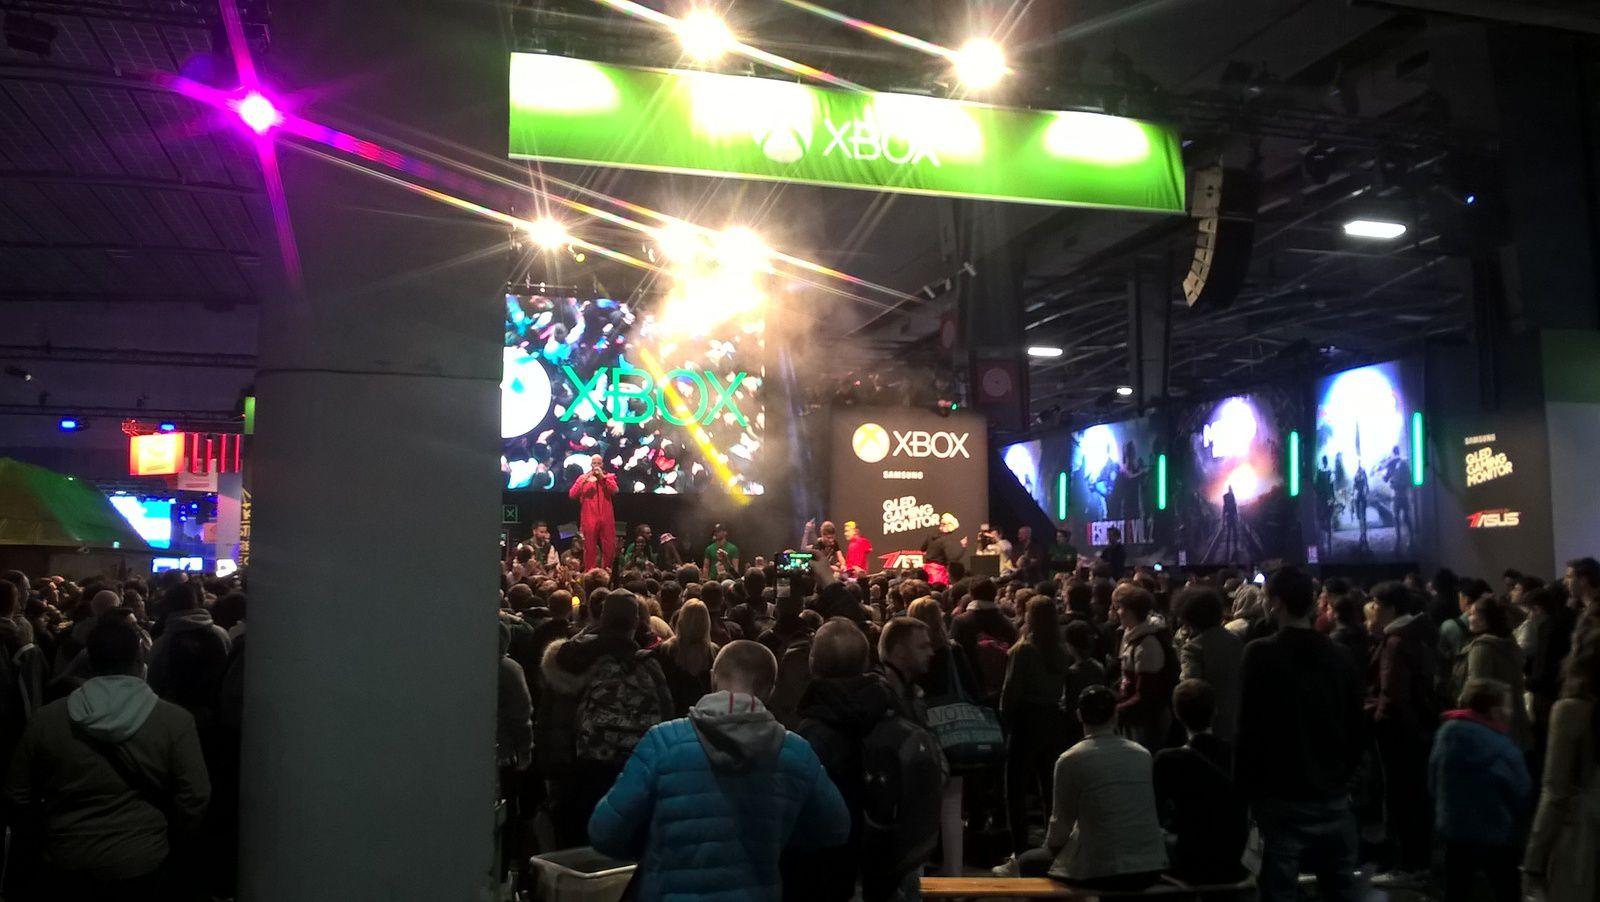 Quoi ? Paris Games Week ? Un concert et une XboxFanFest ? Boh ouais !?